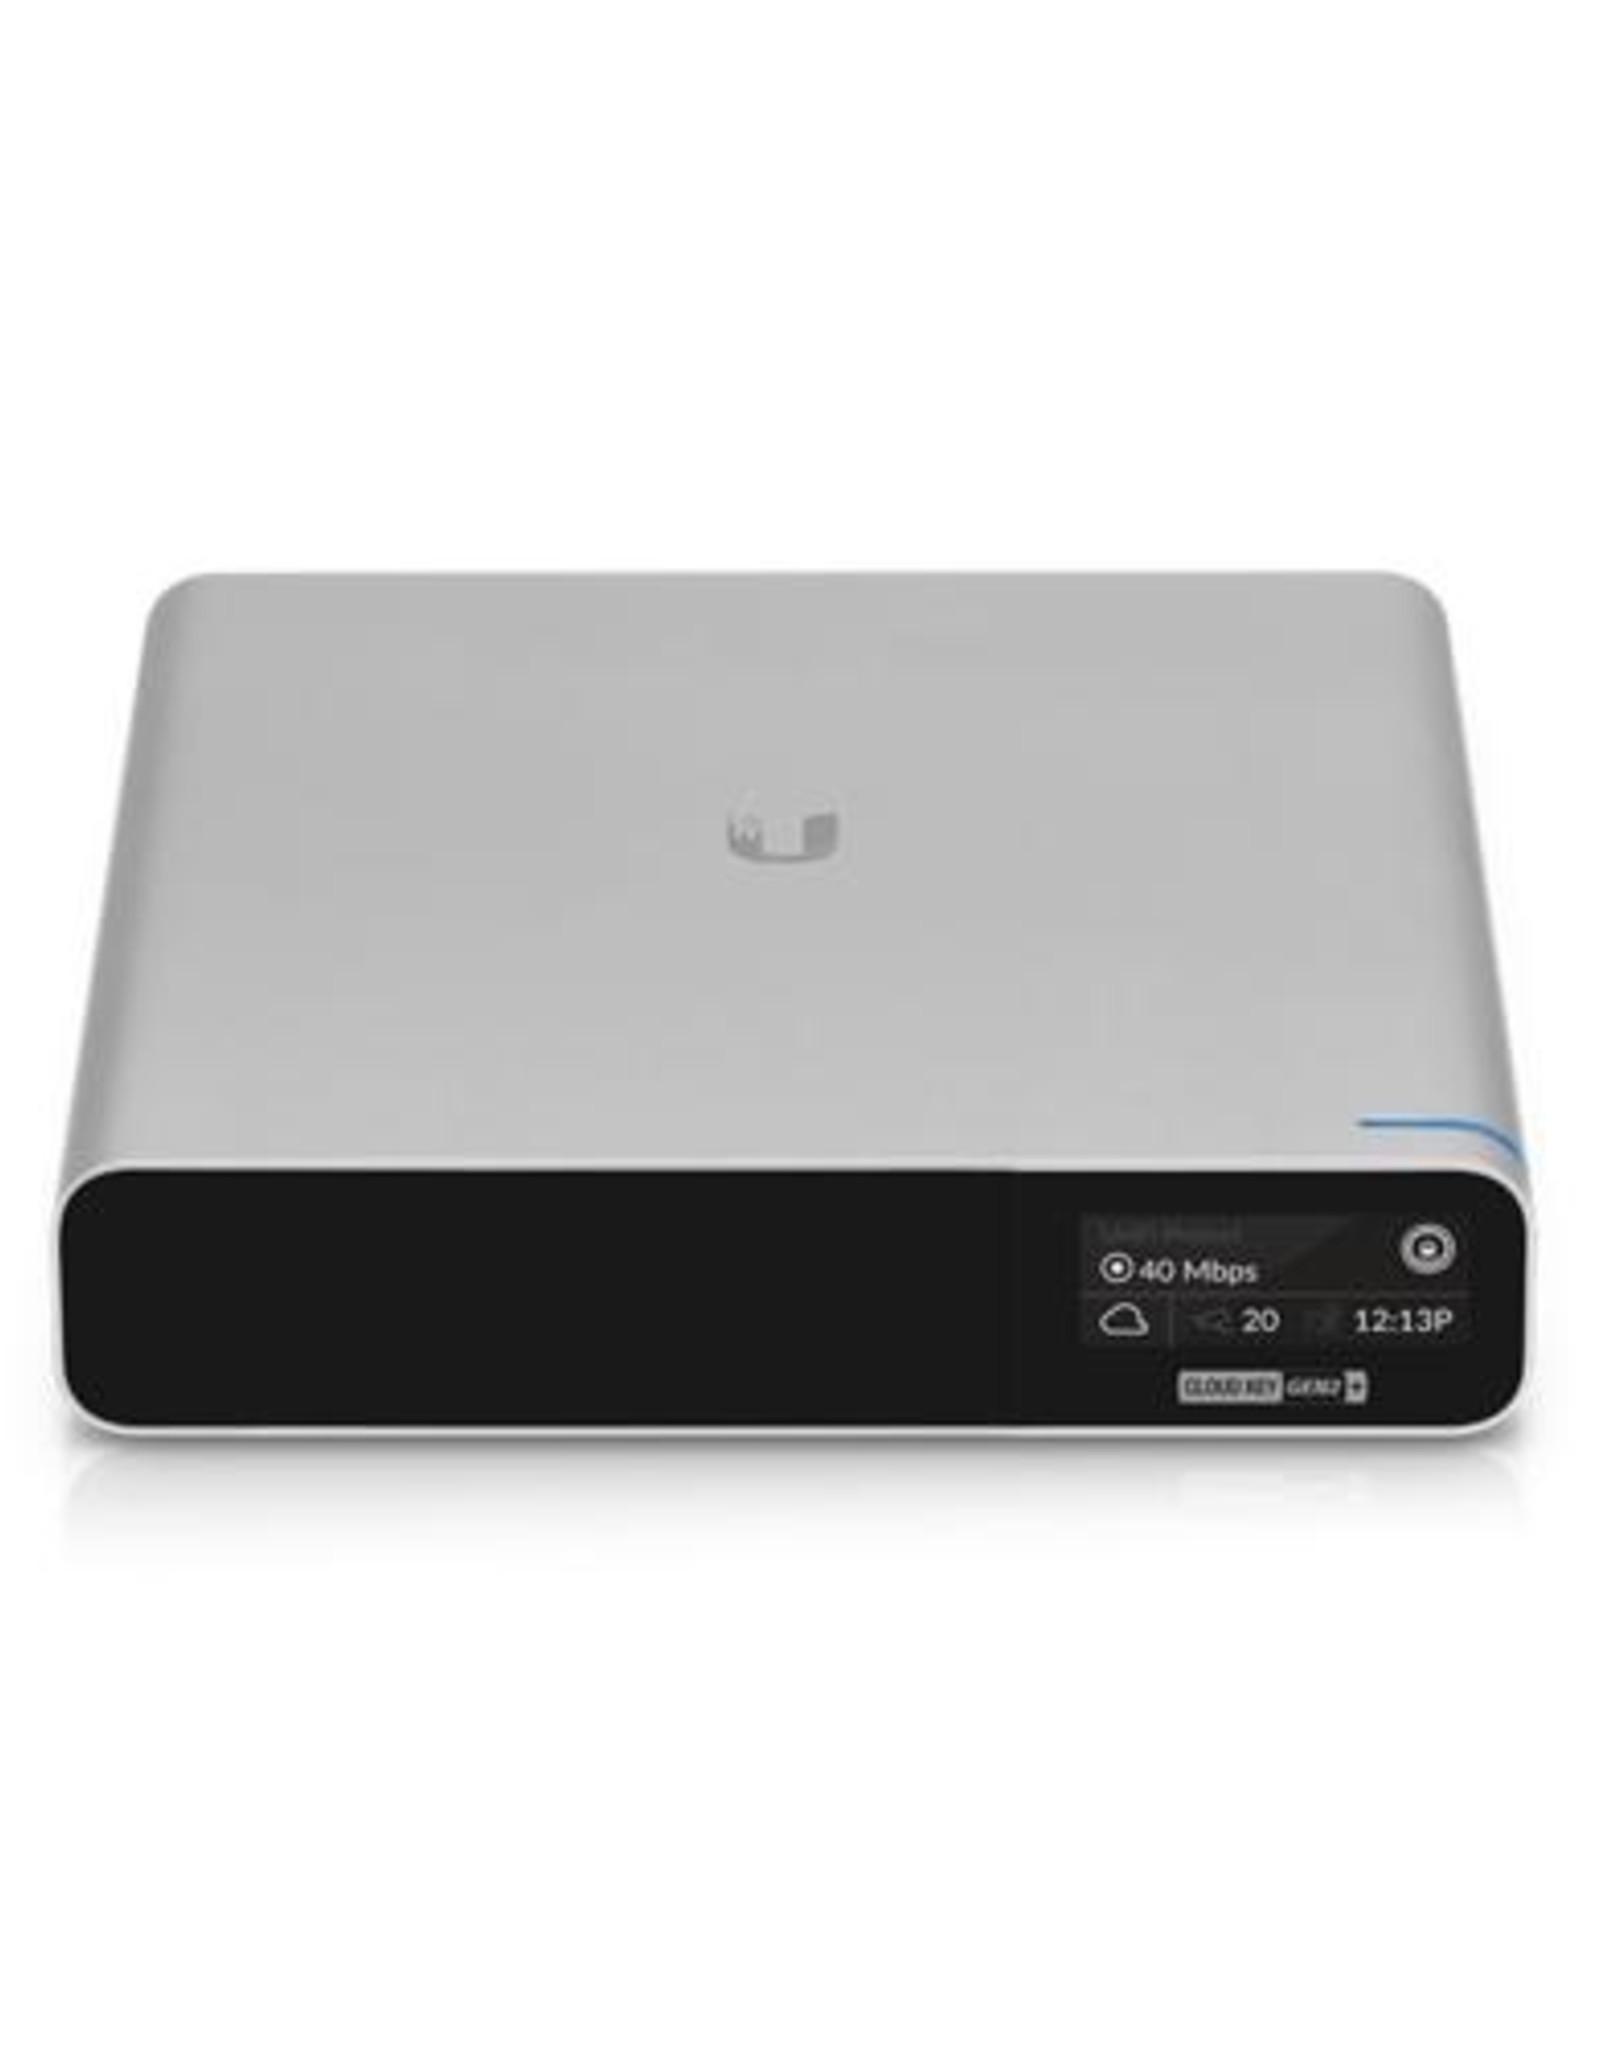 Networks UniFi Cloud Key Gen2 Plus Gigabit Ethernet